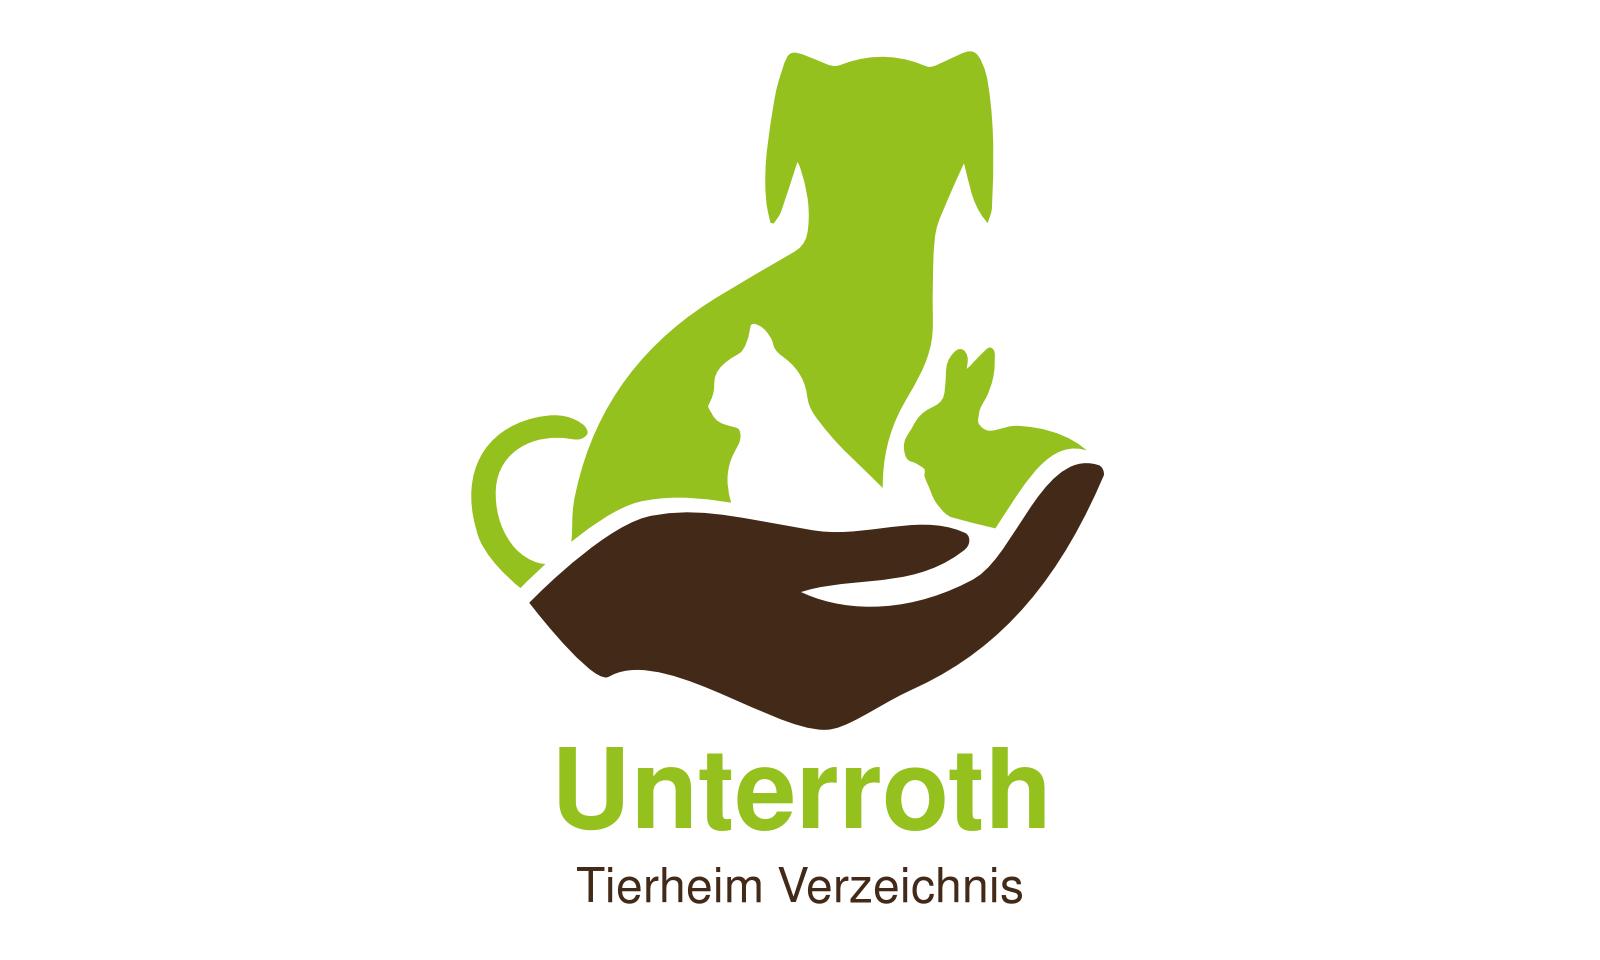 Tierheim Unterroth